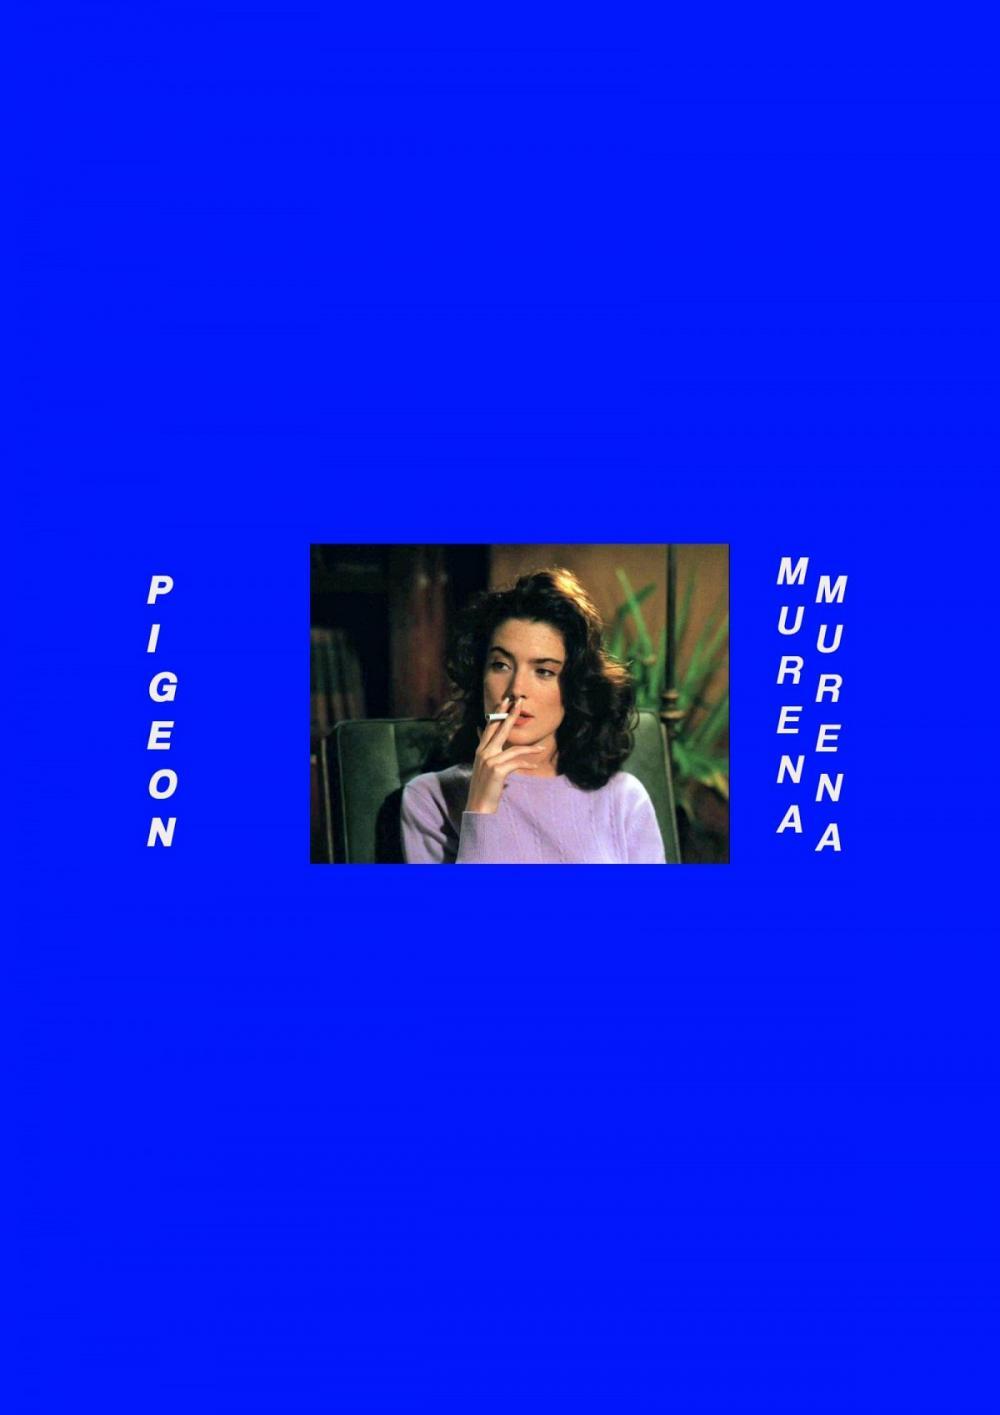 Tapefruit Konzert: Pigeon + Murena Murena | 12.12.2018 @ Milla Club